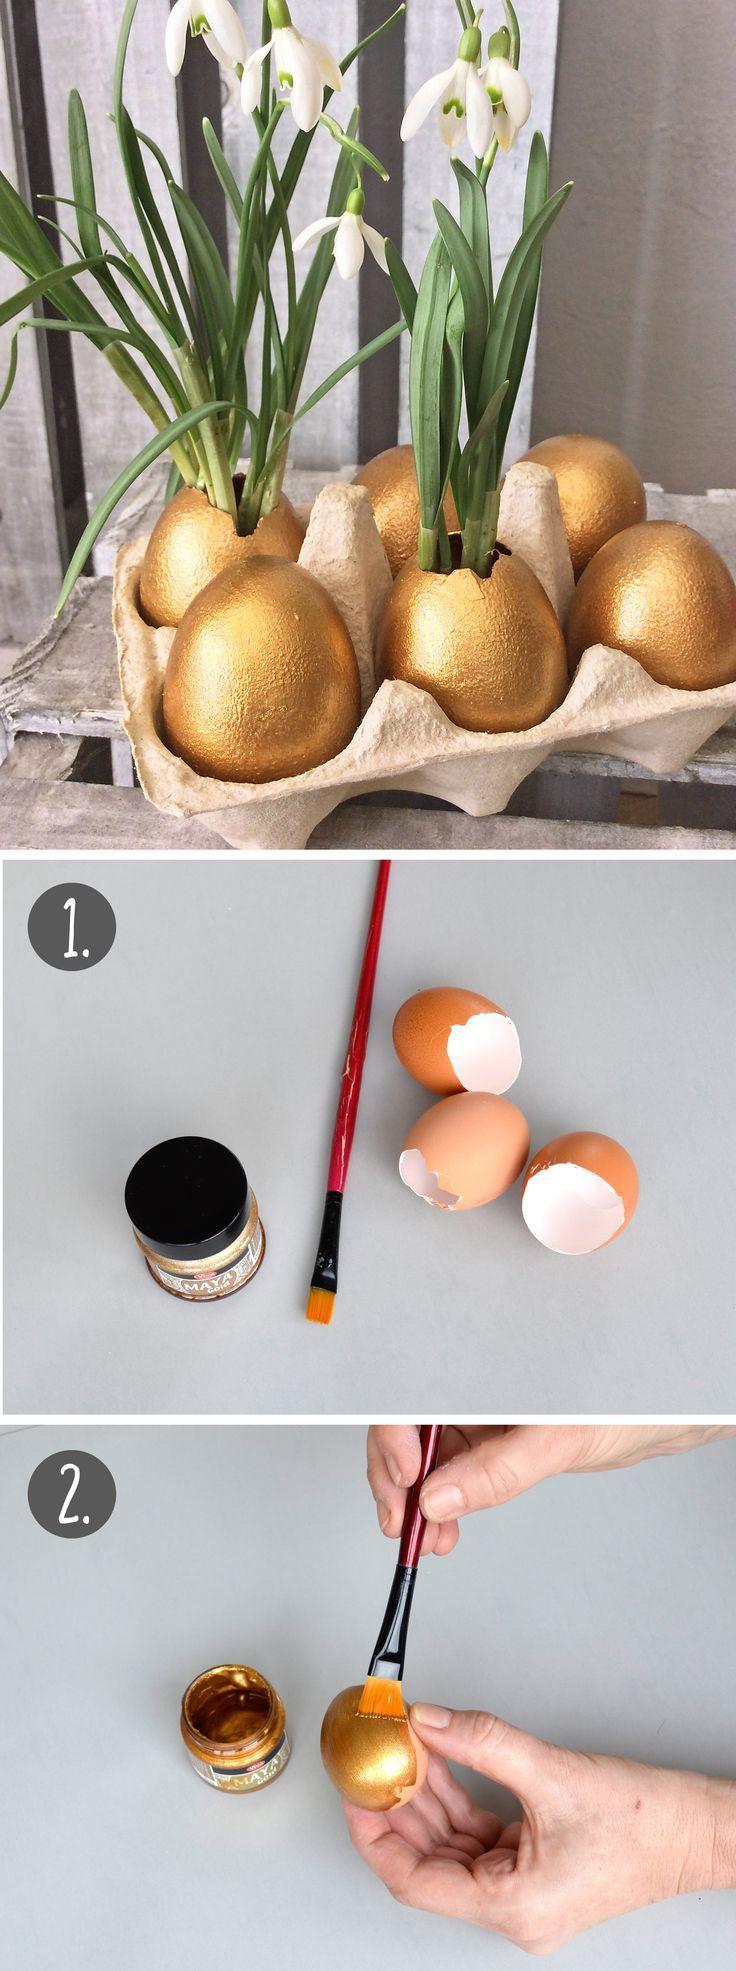 Goldene Ostern – so schnell, so schön! So werden Eier, gestaltet mit Maya-Gold